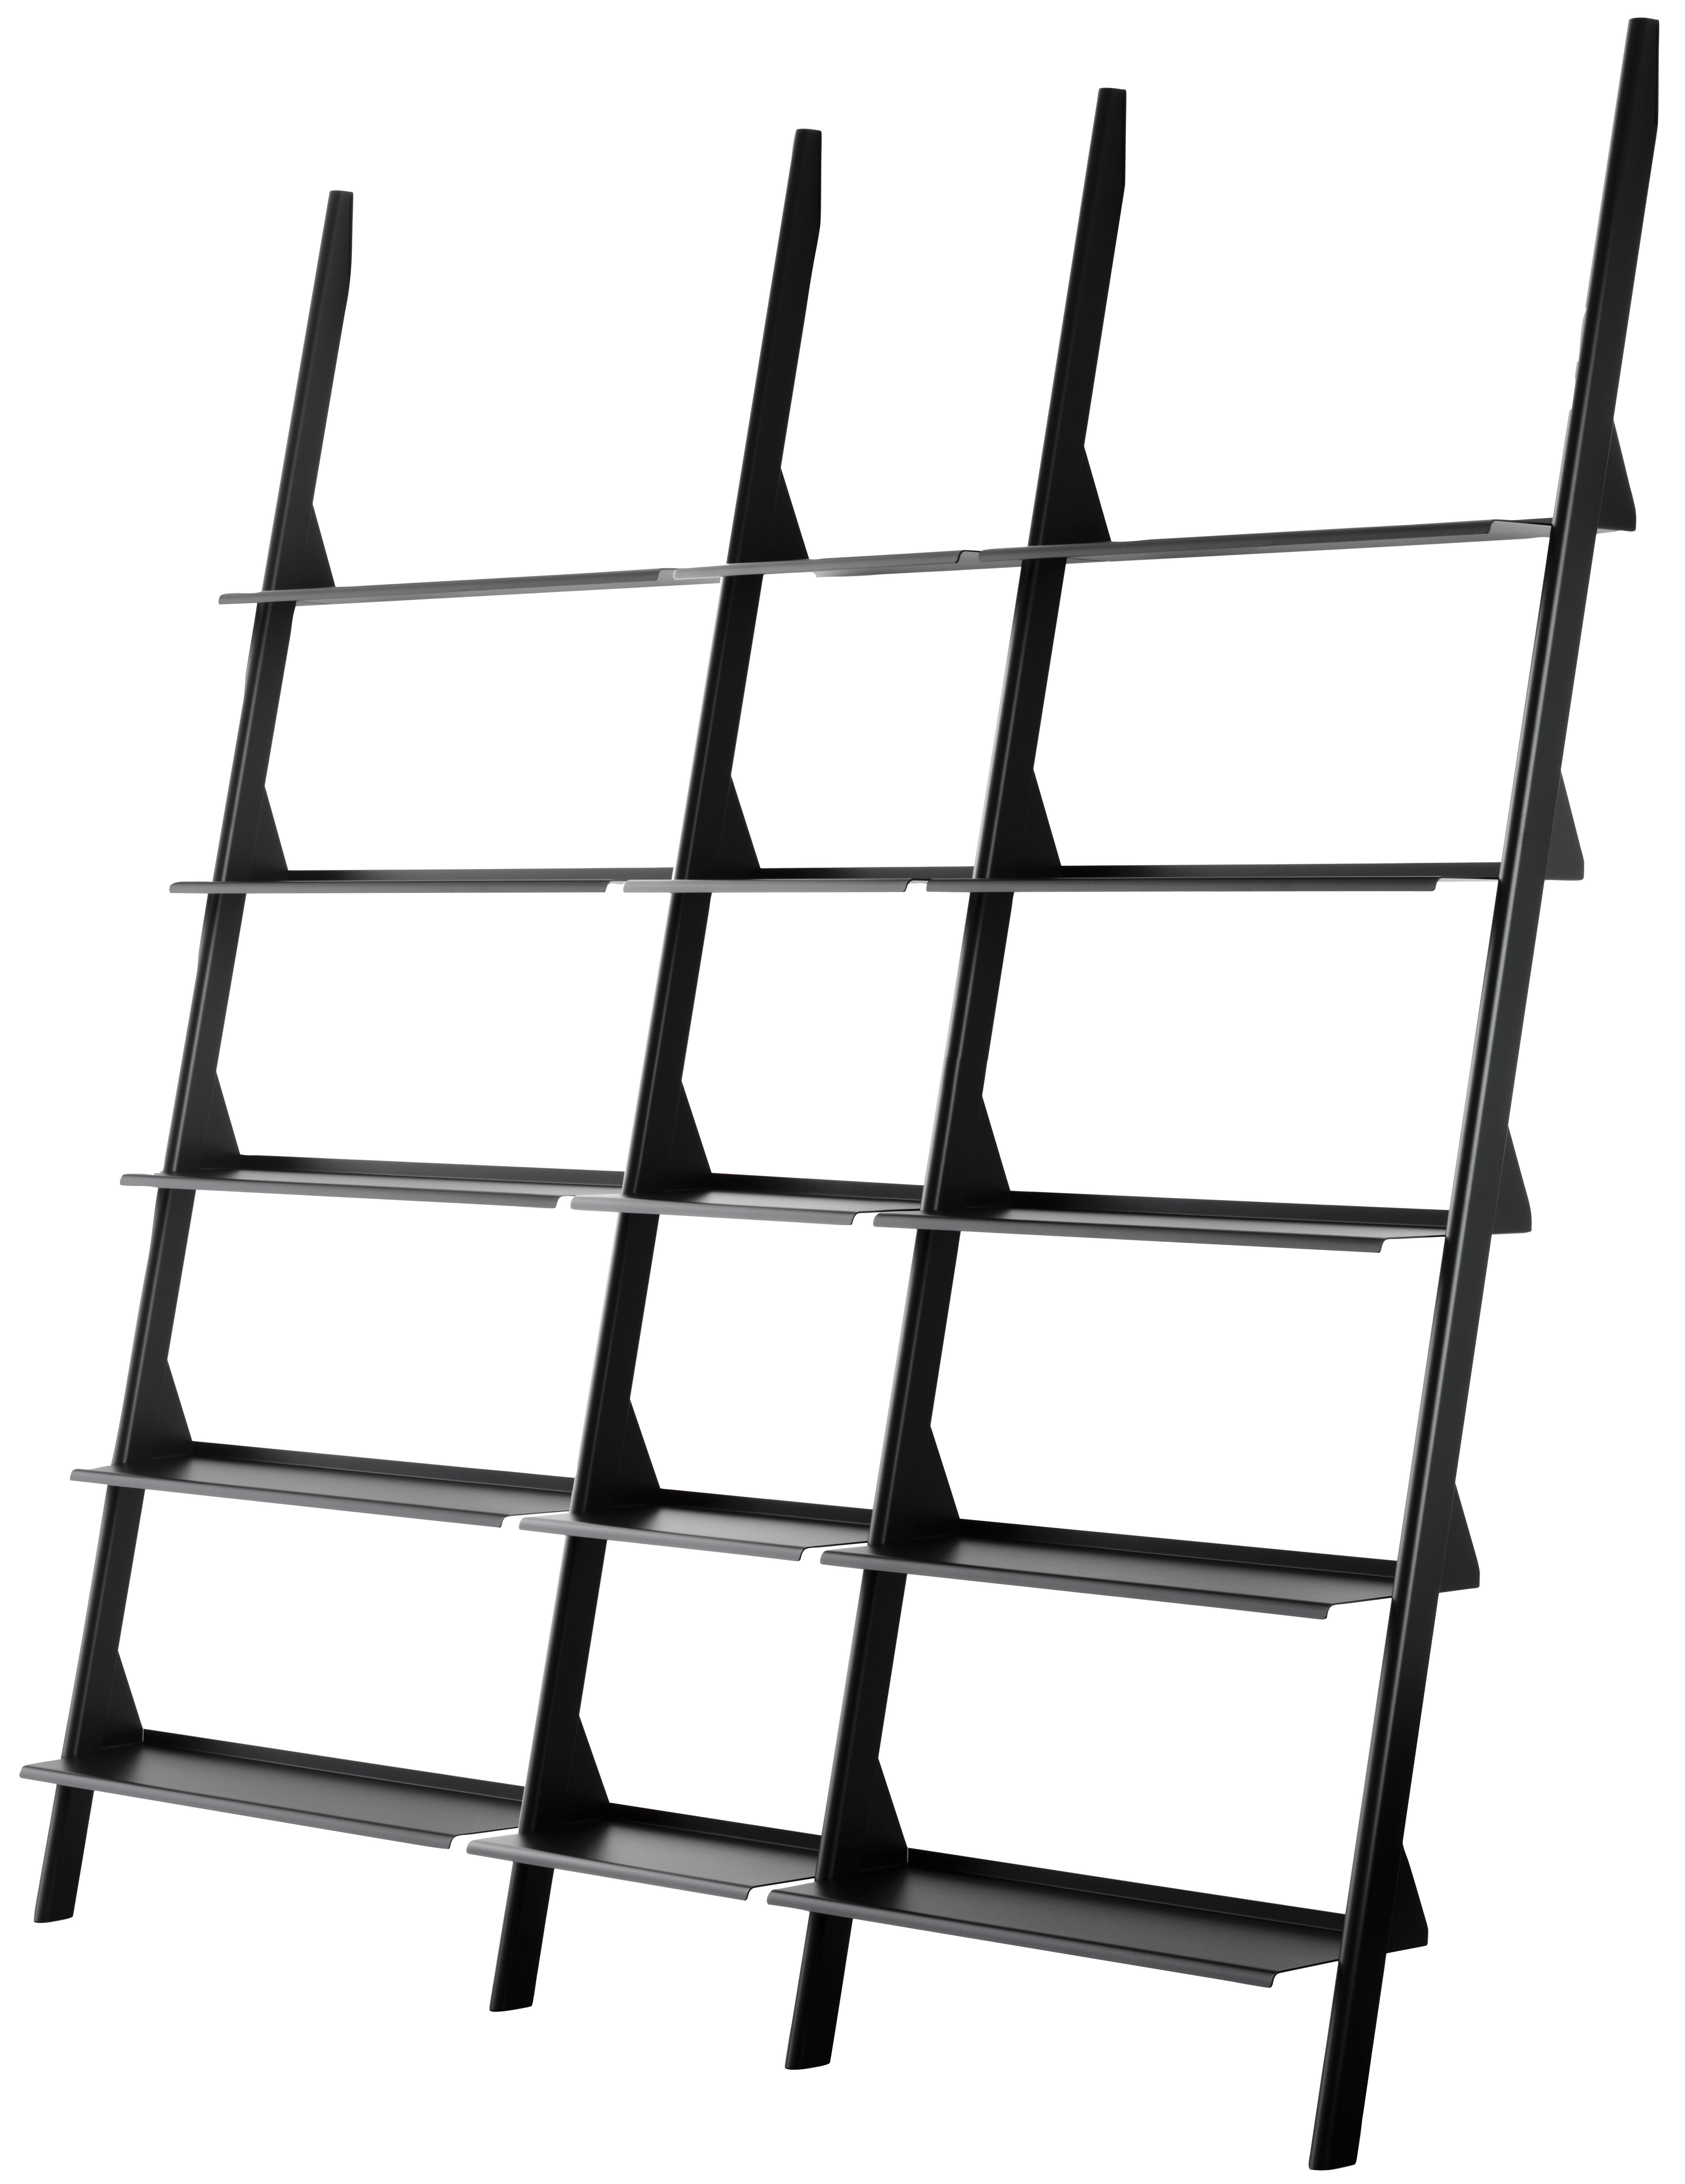 Möbel - Regale und Bücherregale - Tyke - The Wild Bunch Bücherregal / L 195 x H 211 cm - Magis - Schwarz - gefirnister Stahl